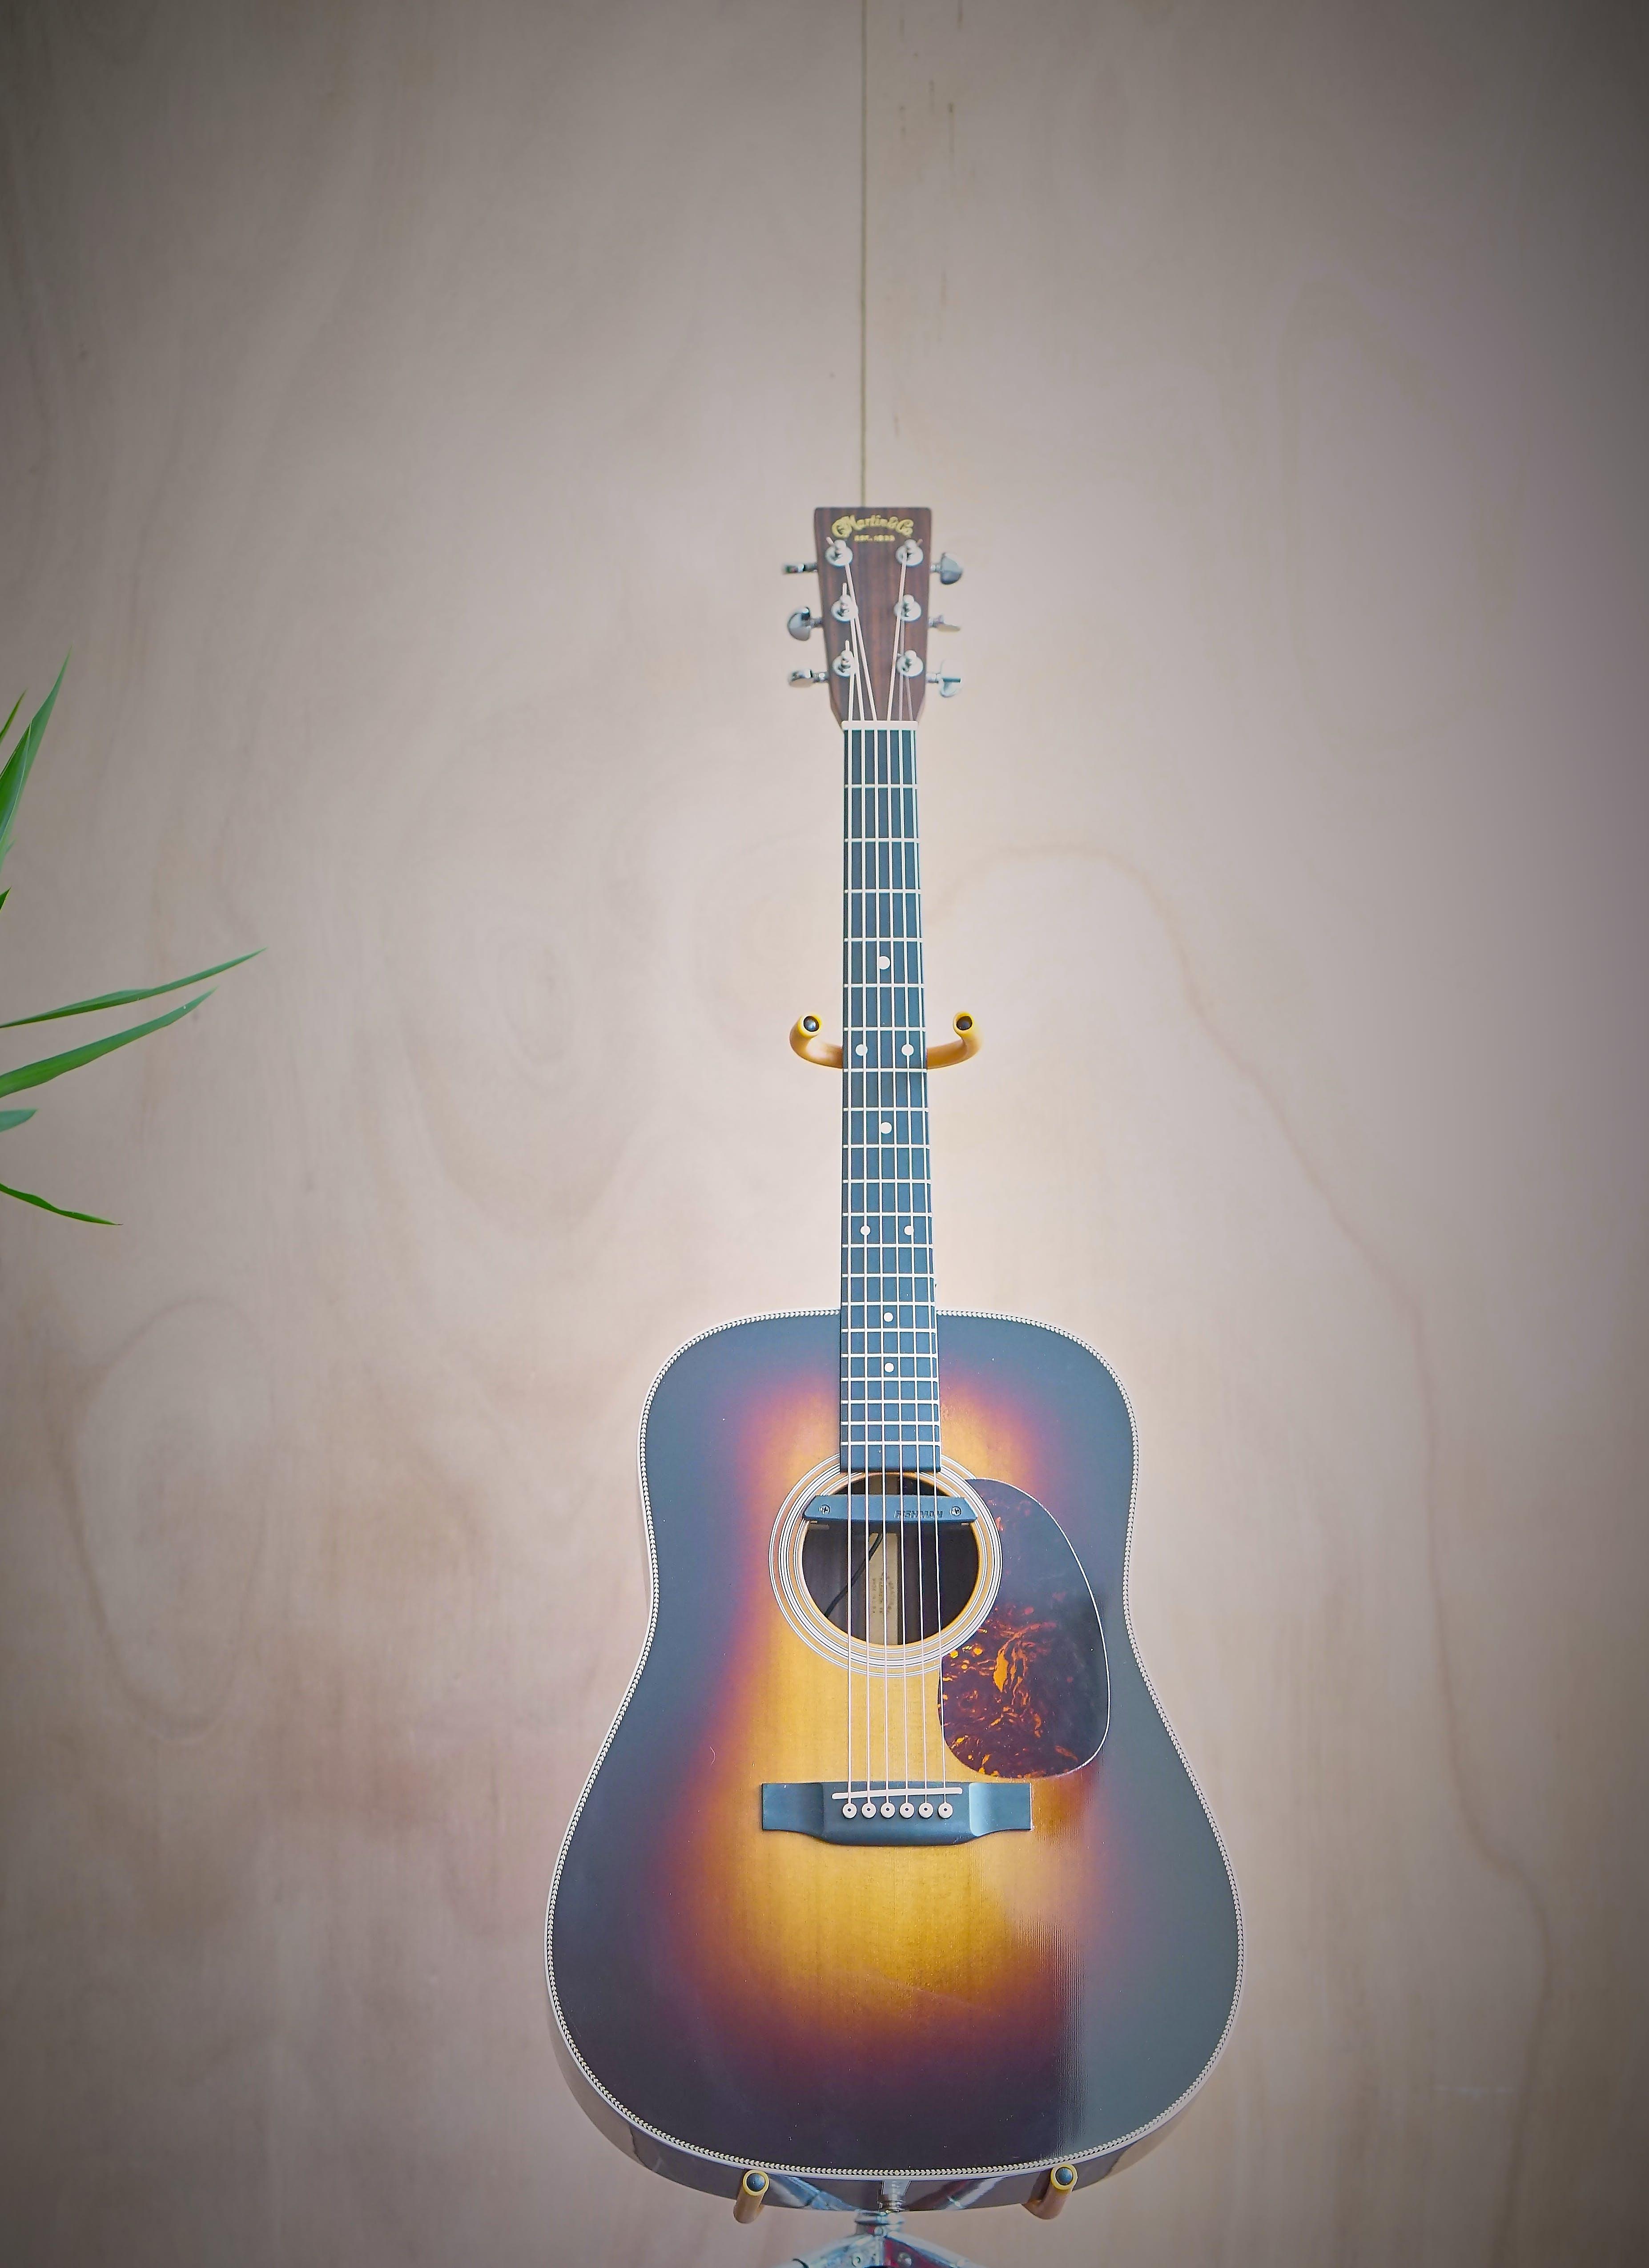 Free stock photo of guitar, acoustic guitar, Martin Guitar, Gerritt Tisdale